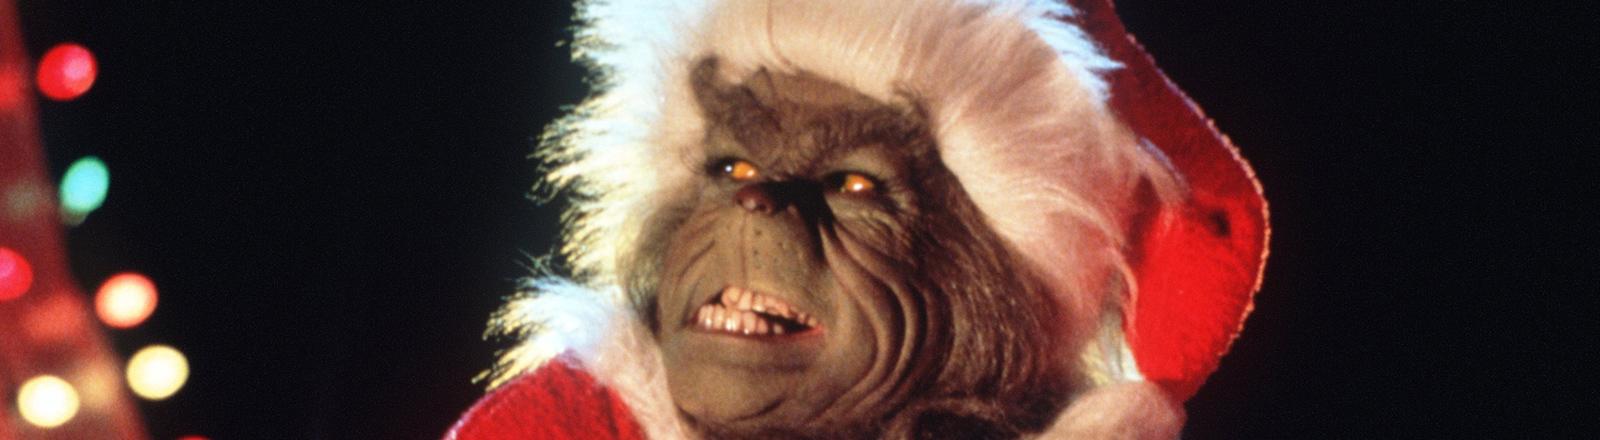 """Der hinterlistige Grinch reibt sich in dem Kinofilm """"Der Grinch"""" verschmitzt seine Pfoten: Der pelzig-grüne Einsiedler hat den bitterbösen Plan, den fröhlichen Einwohnern des am Fuße seines Berges Mount Crumpit gelegenen Ortes Whoville ihr Weihnachtsfest gründlich zu vermiesen."""